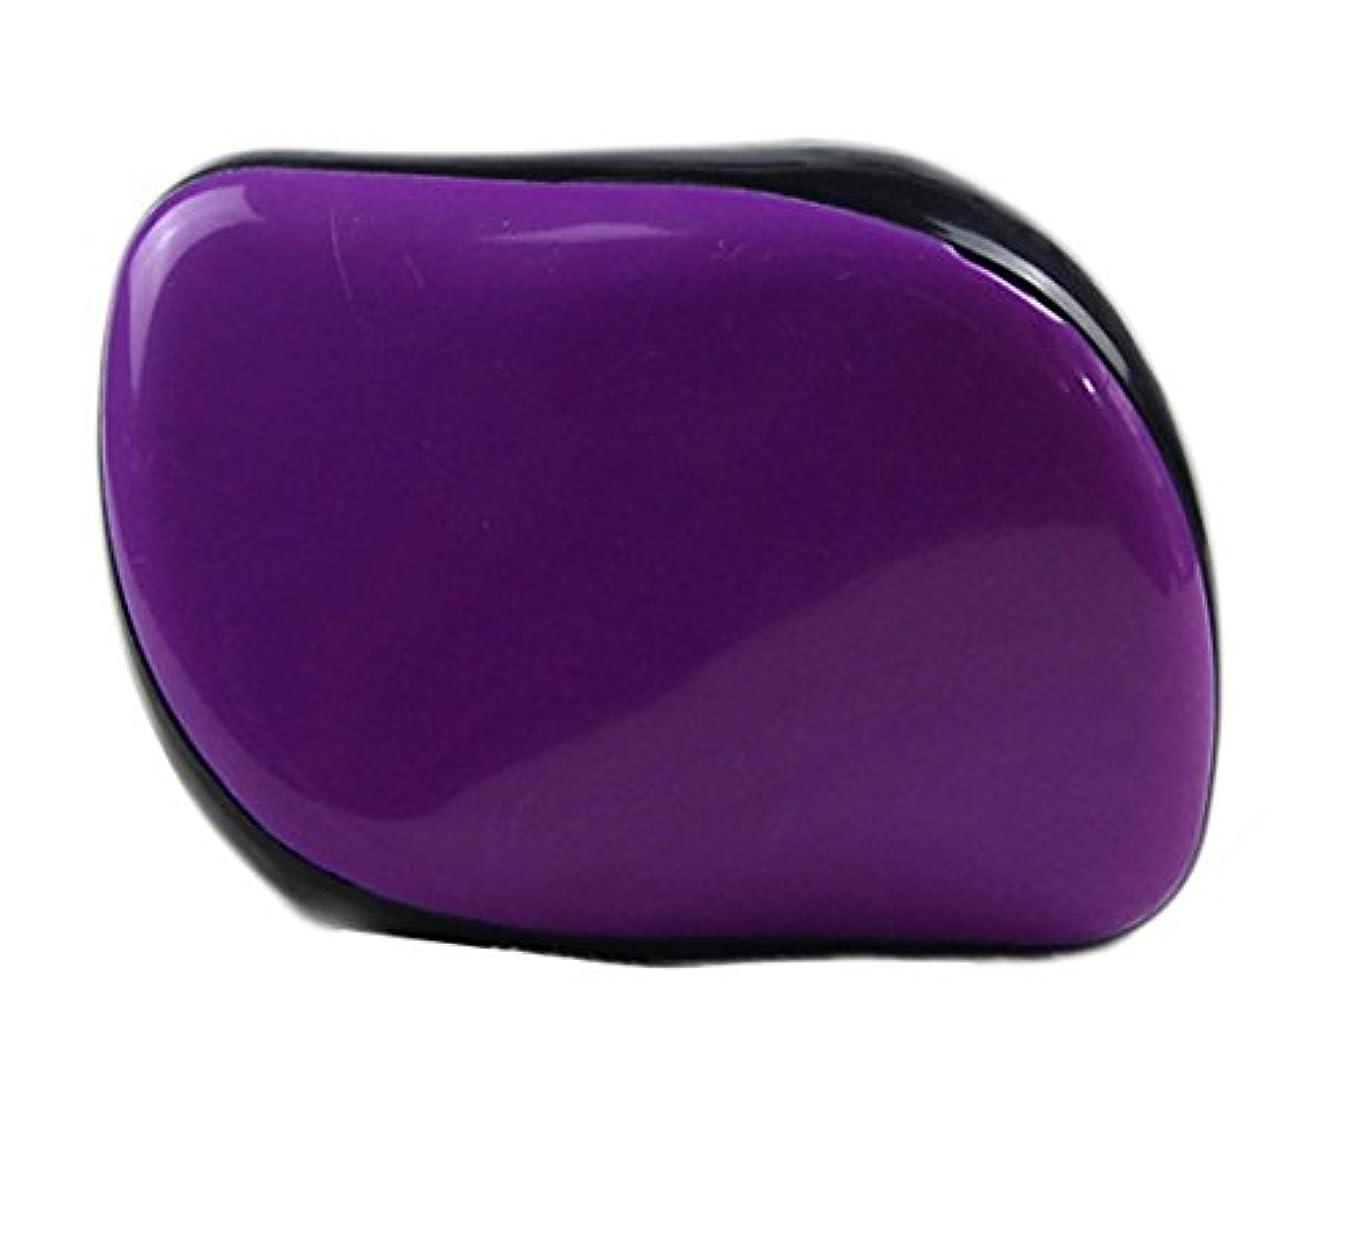 ディレクターハンカチ頂点Maltose 携帯用ヘアブラシ シャンプー 頭皮 ブラシ シャンプーブラシ 女性用 コーム メンズ 静電気防止 4色 (紫)